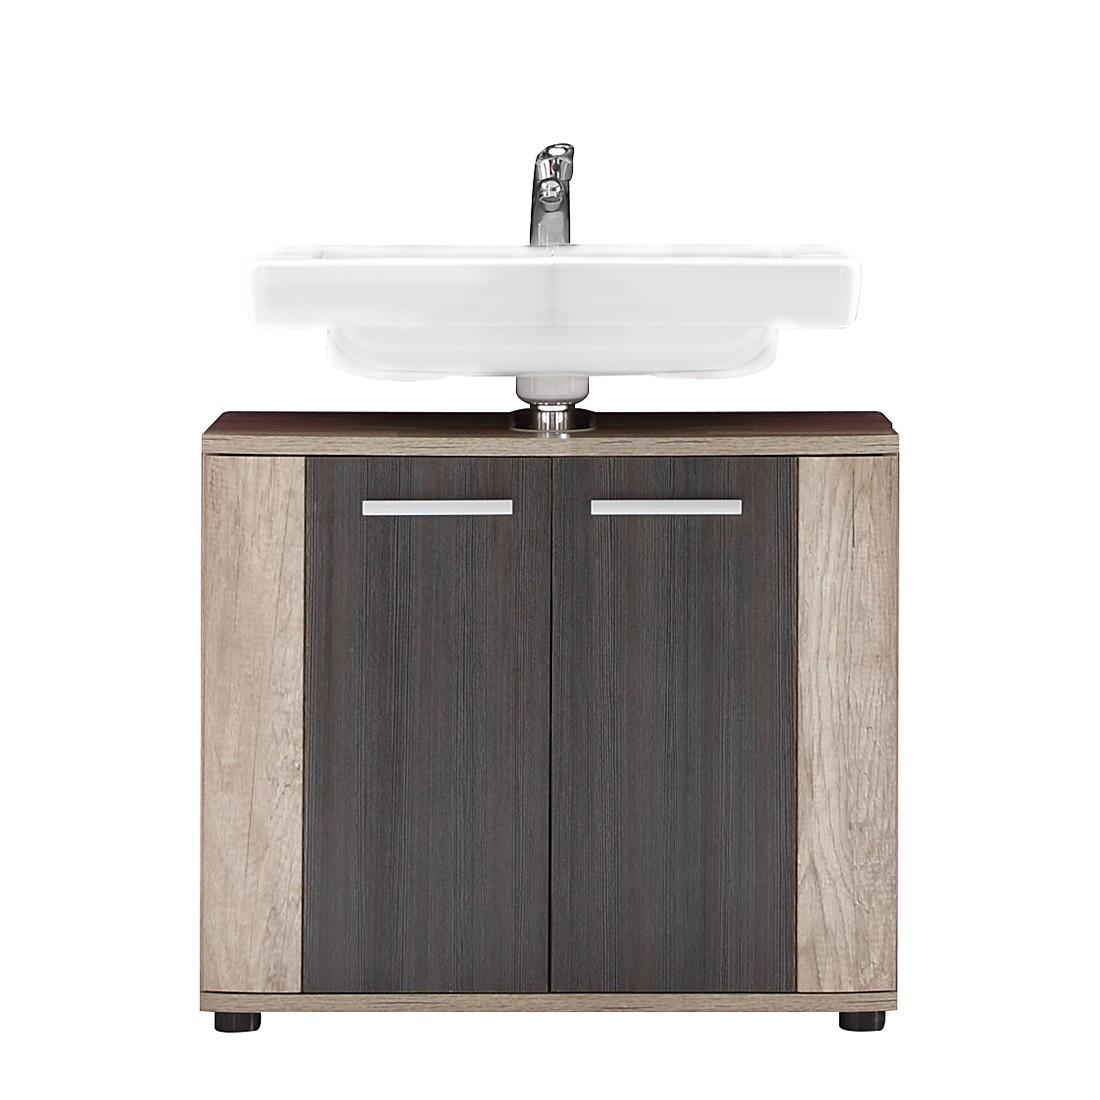 Vente meuble salle de bain meubles sous vasque tritoo for Vente meuble jardin